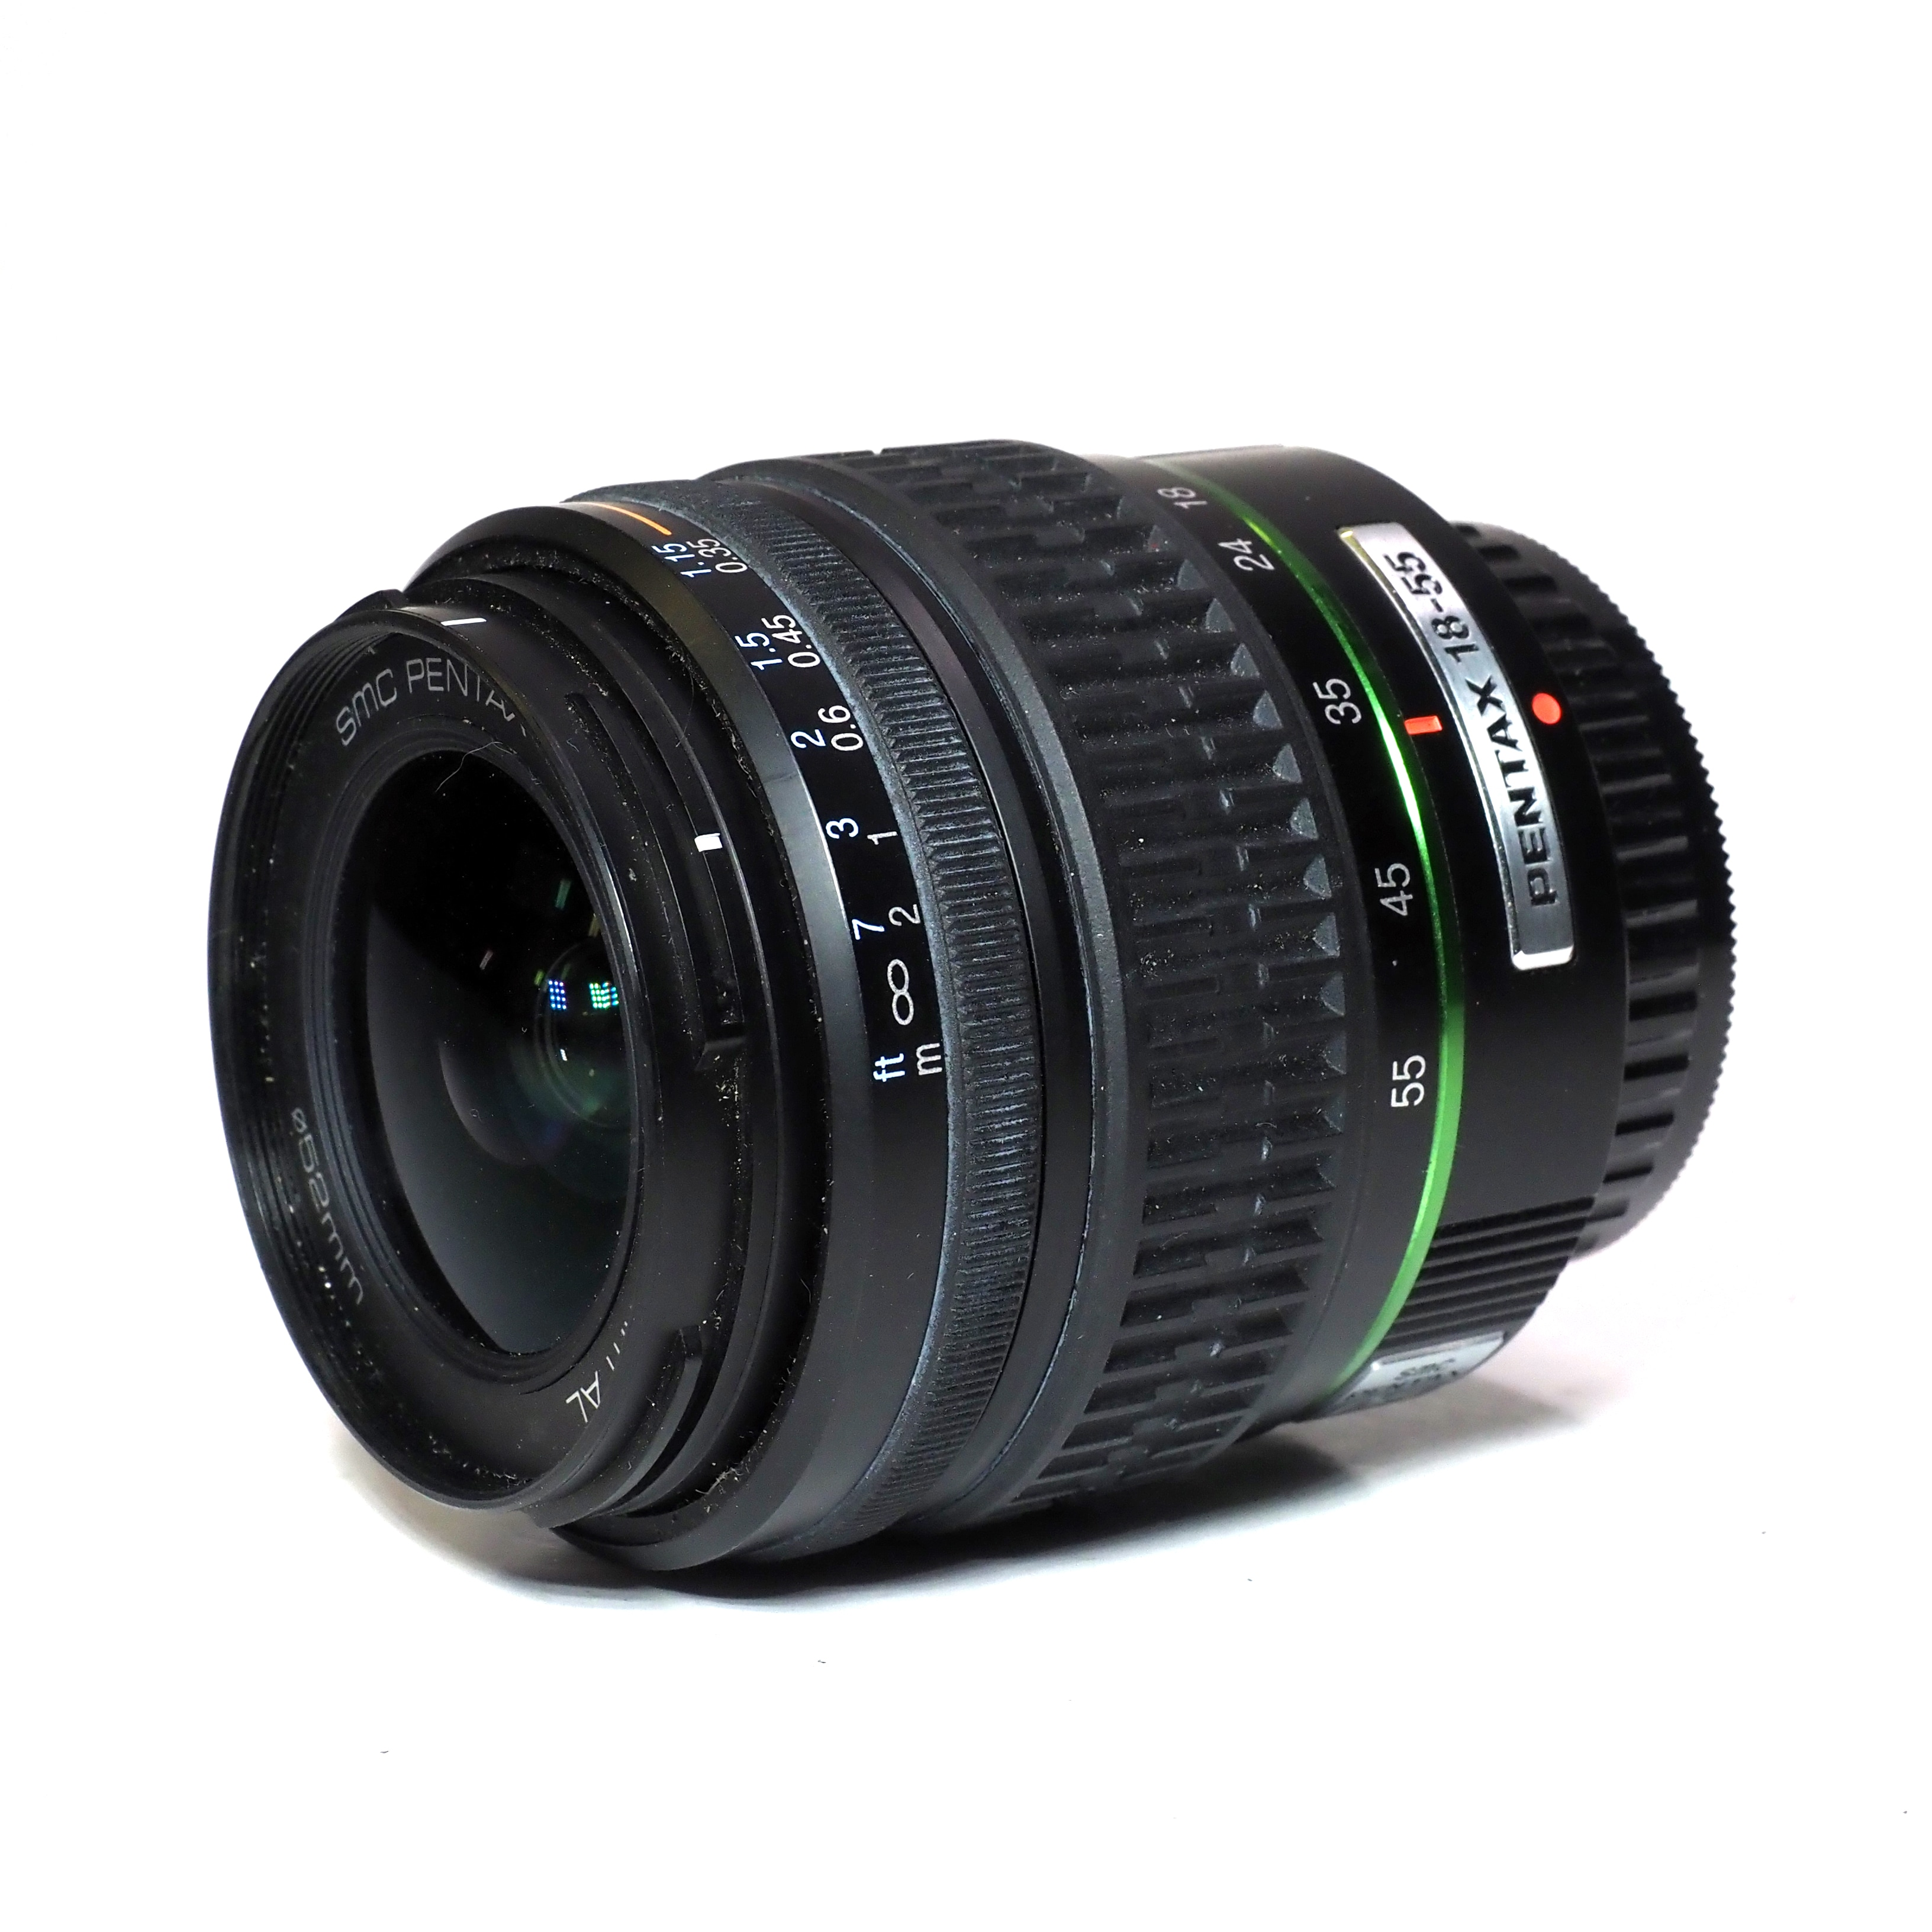 Pentax SMC-Pentax-DA 18-55mm f/3,5-5,6 För Pentax K - BEGAGNAT